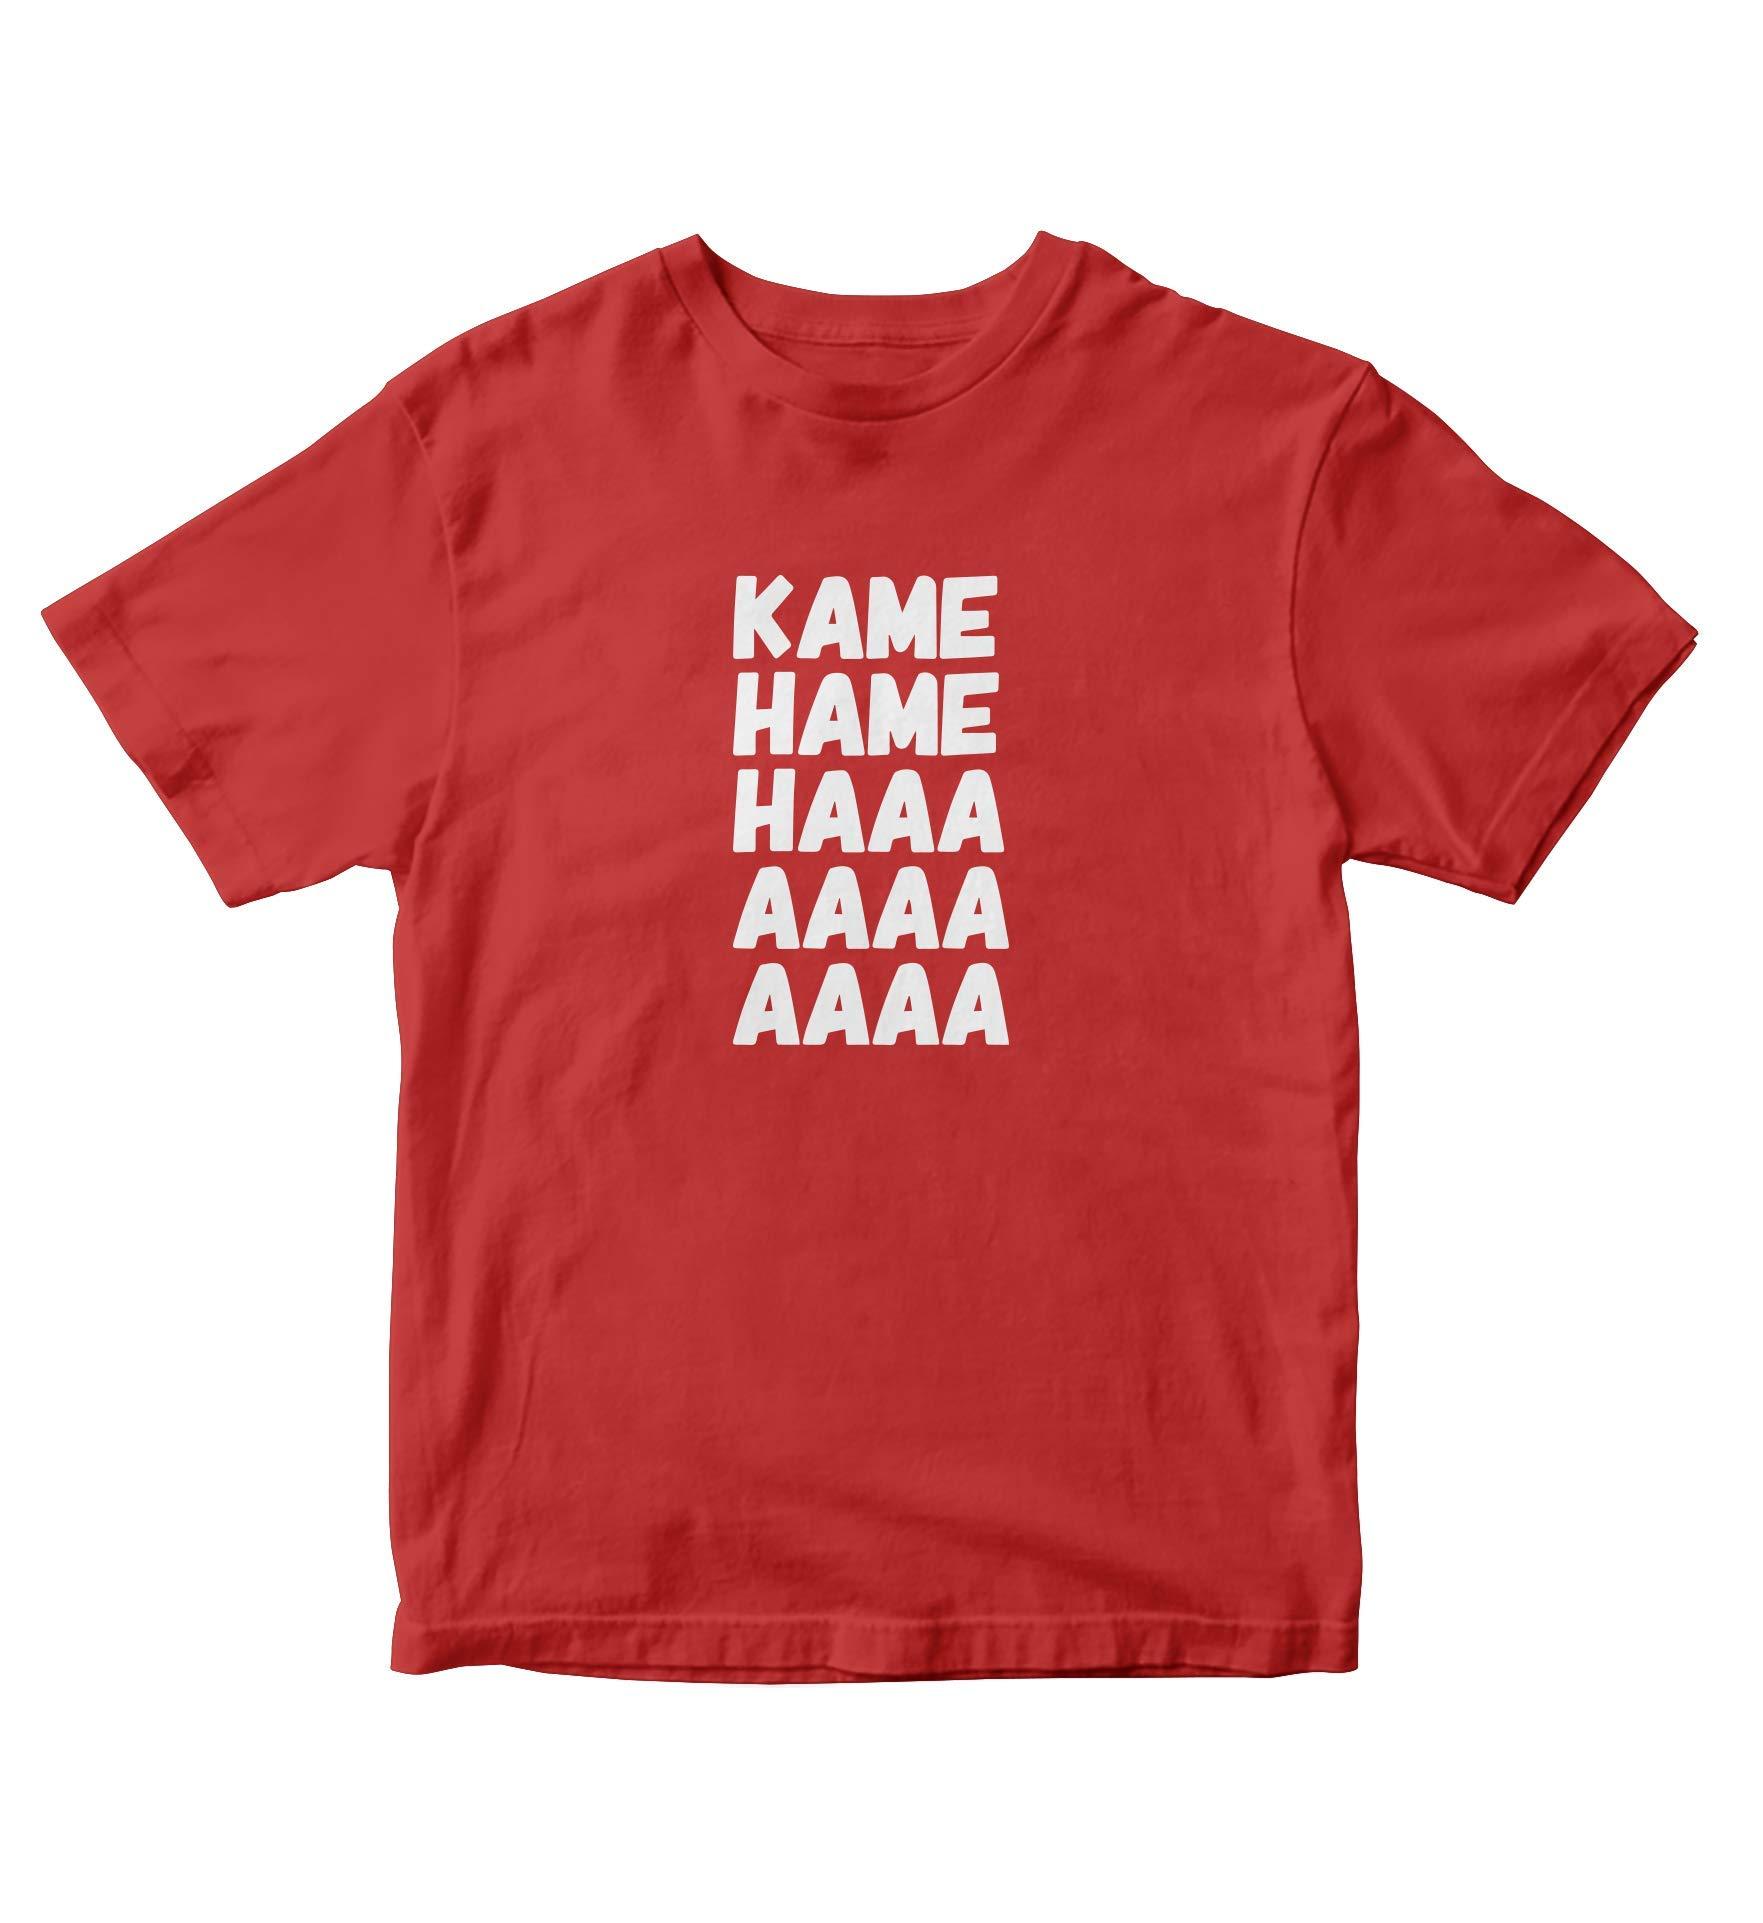 Kame Hame Haaa Shirt Anime Manga Man S Red A829